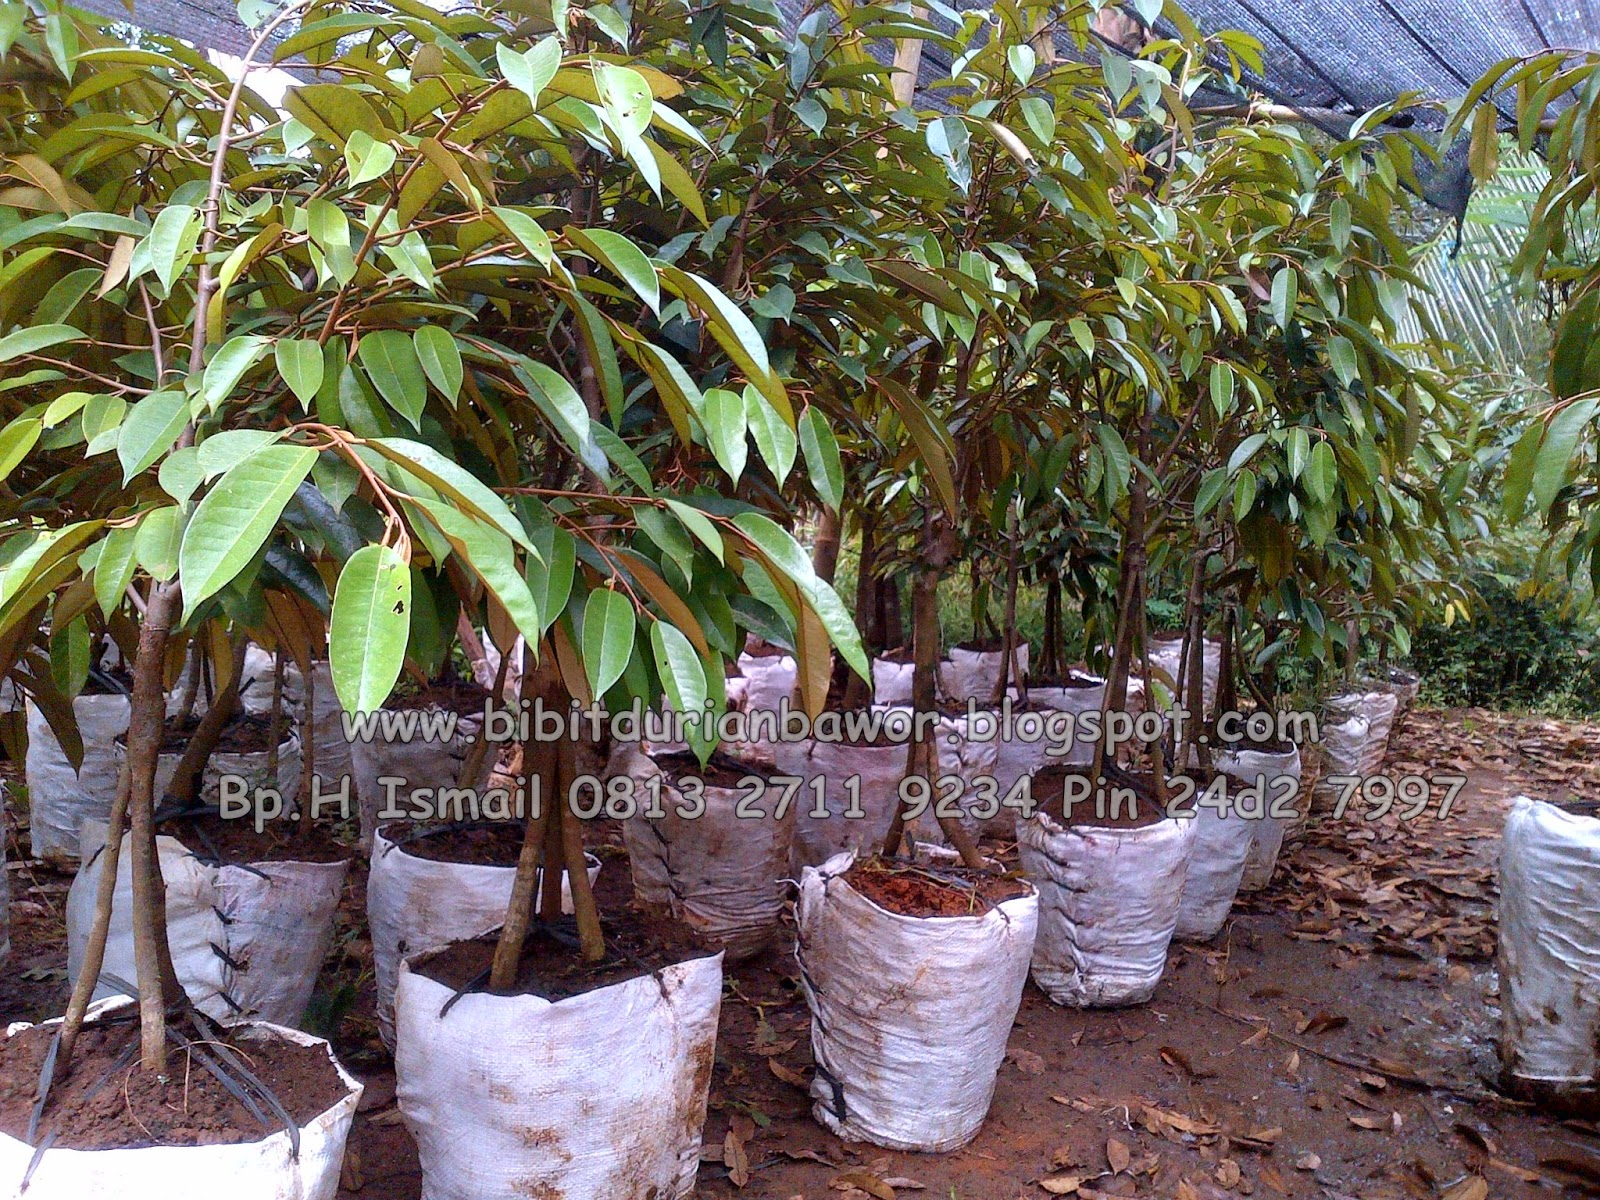 Jual Bibit Durian Bawor Banyumas Bibit Durian Bawor